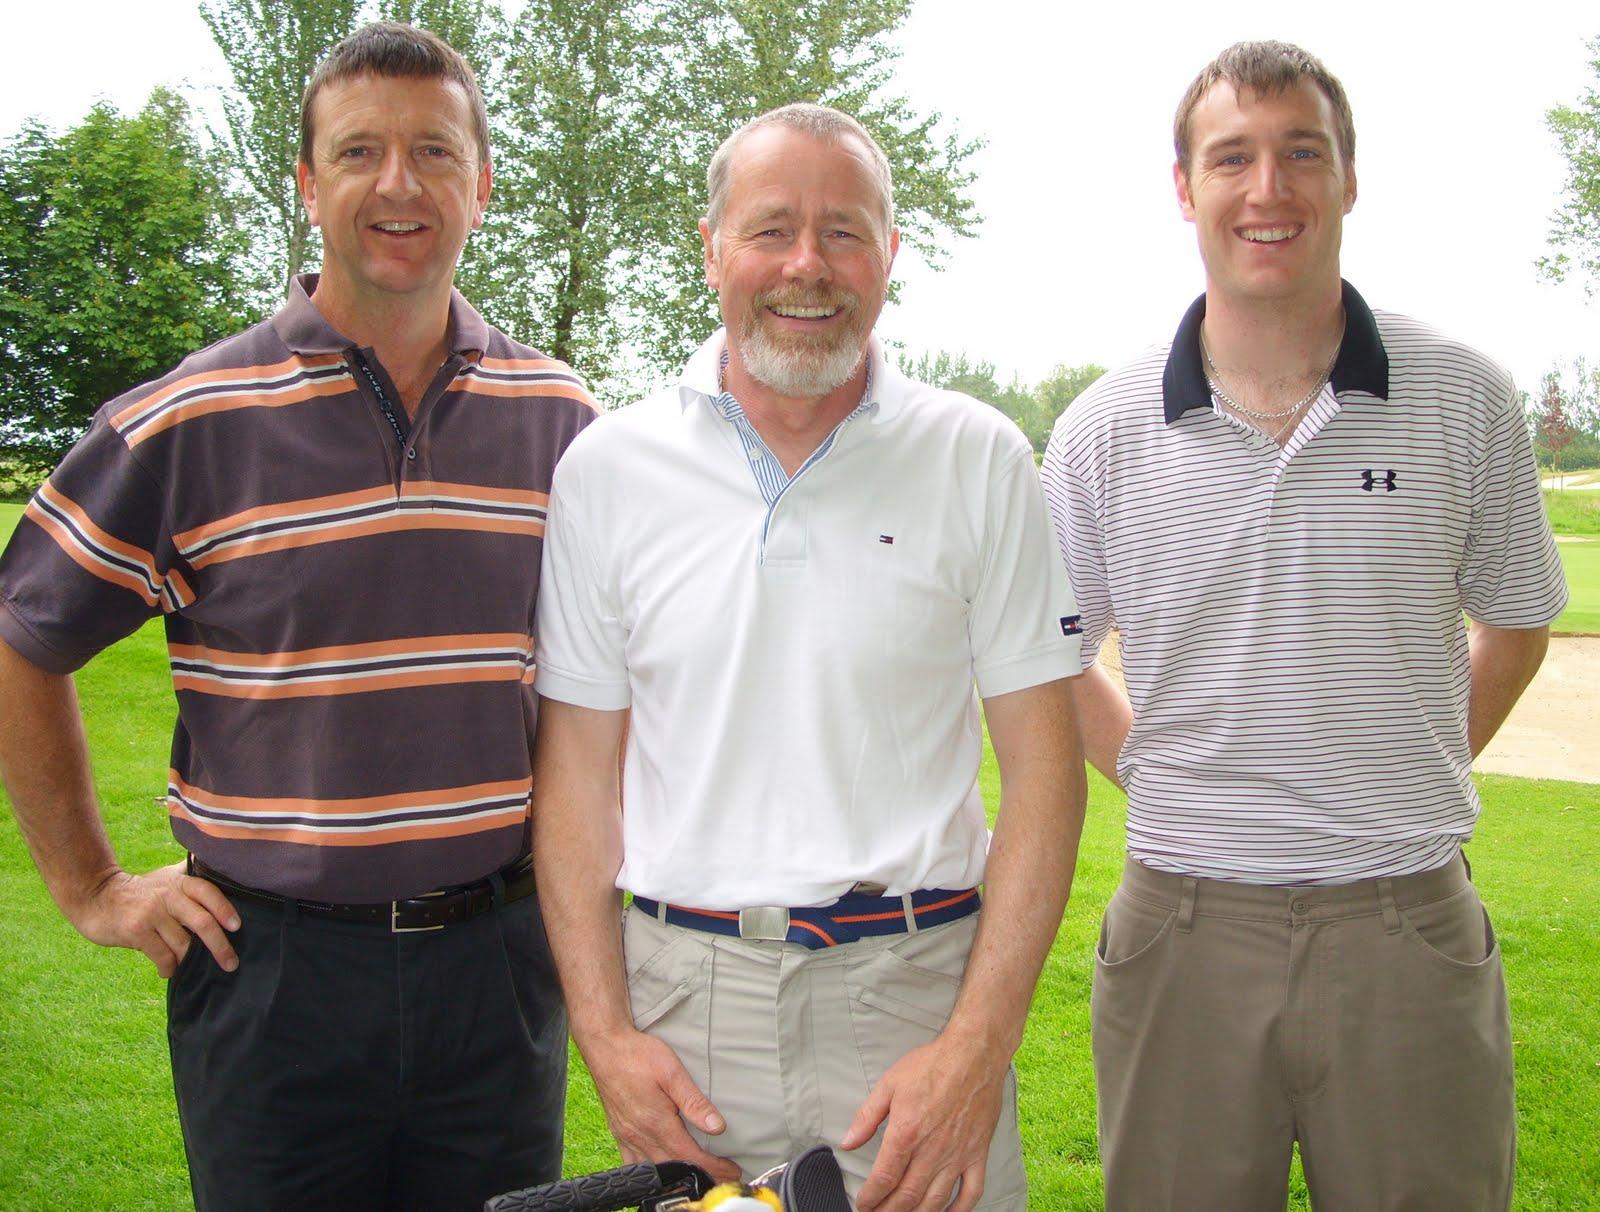 Billy Sinnott, Pat Whelan and